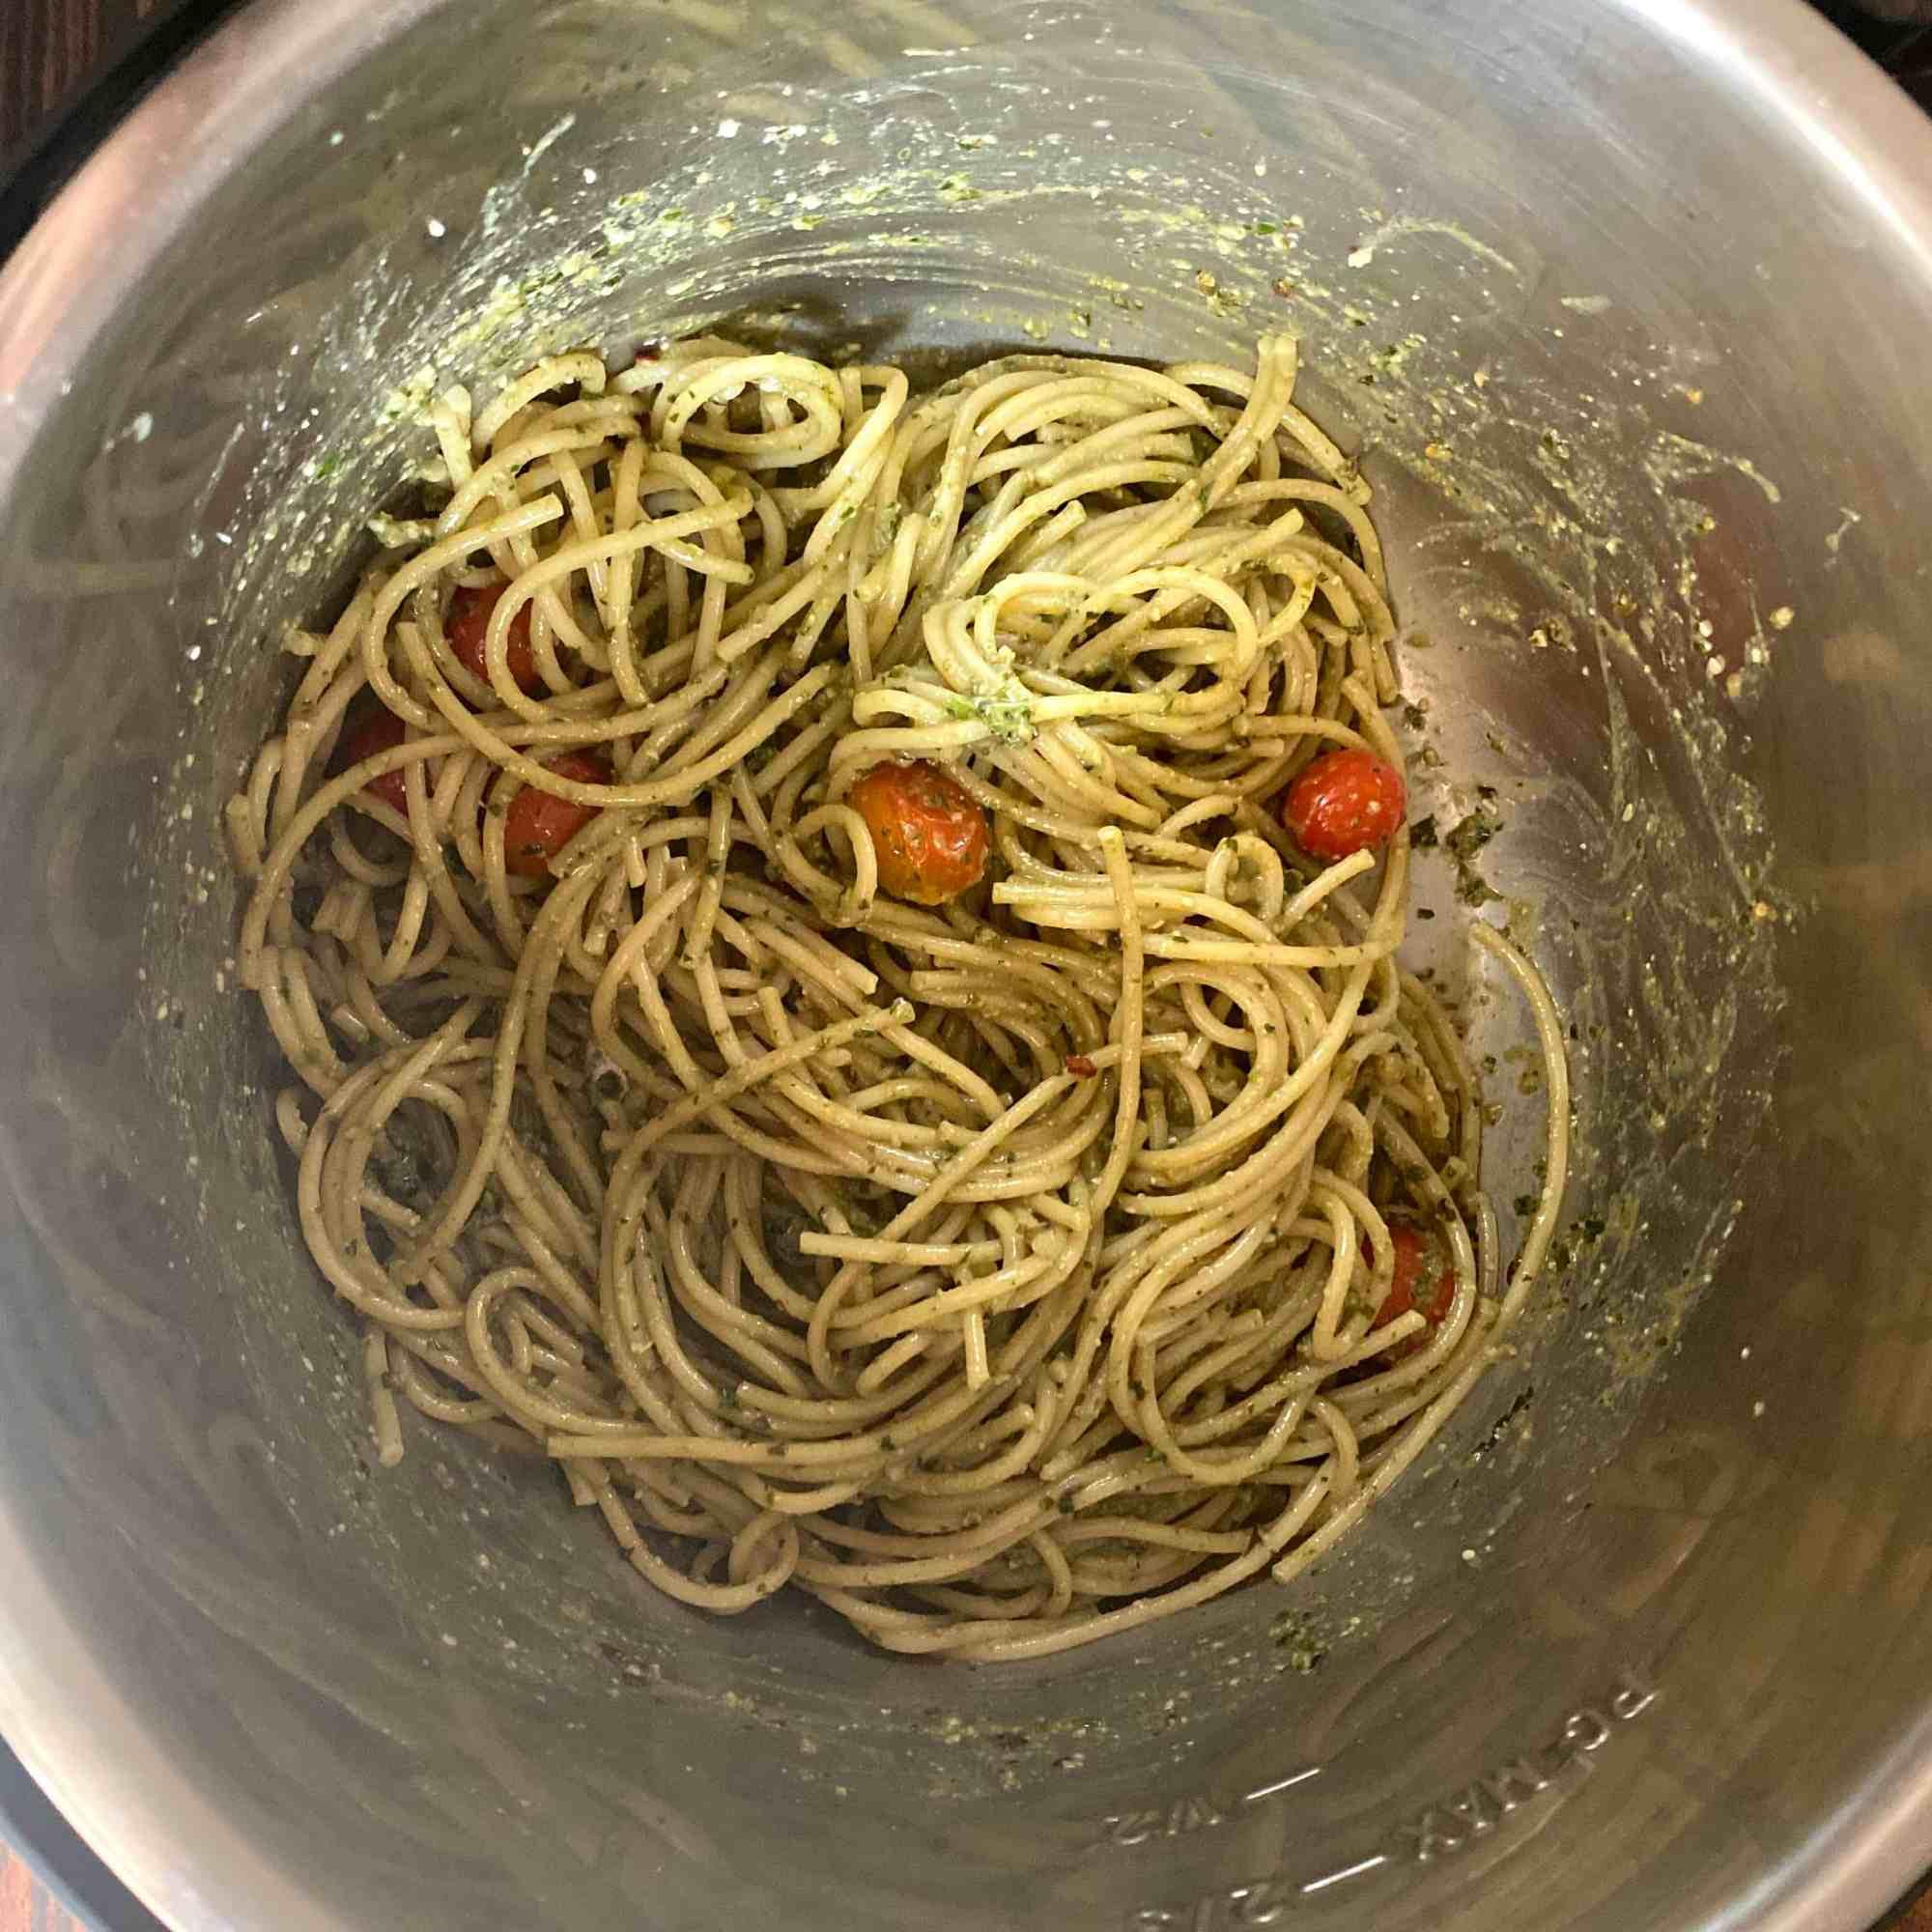 Mix lightly coating Spaghetii with pesto